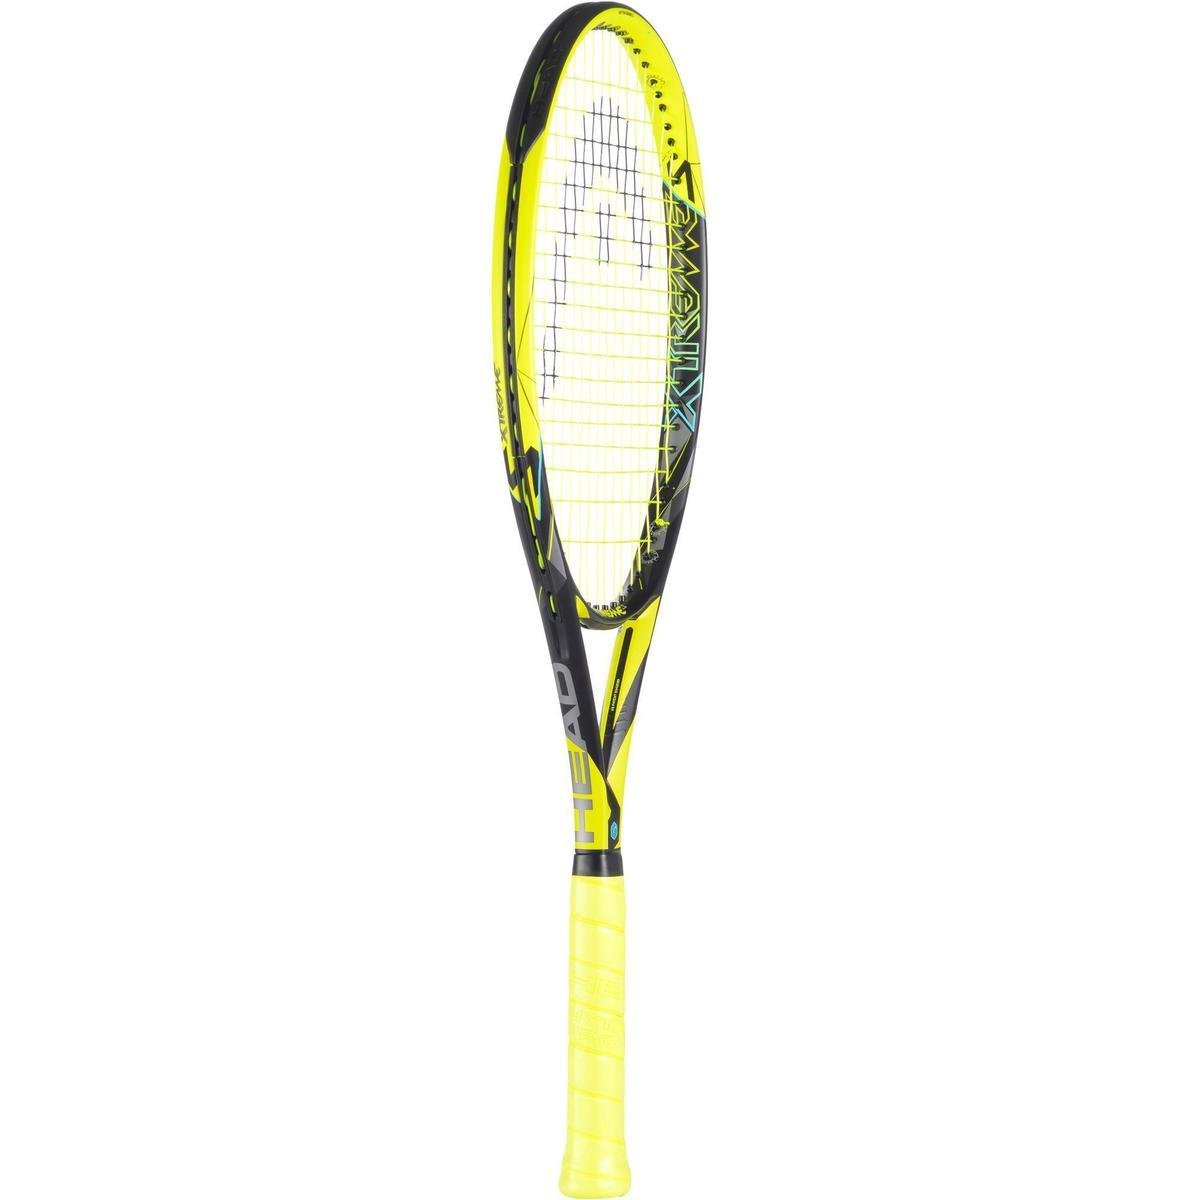 Bild 3 von Tennisschläger Extrem S besaitet schwarz/gelb